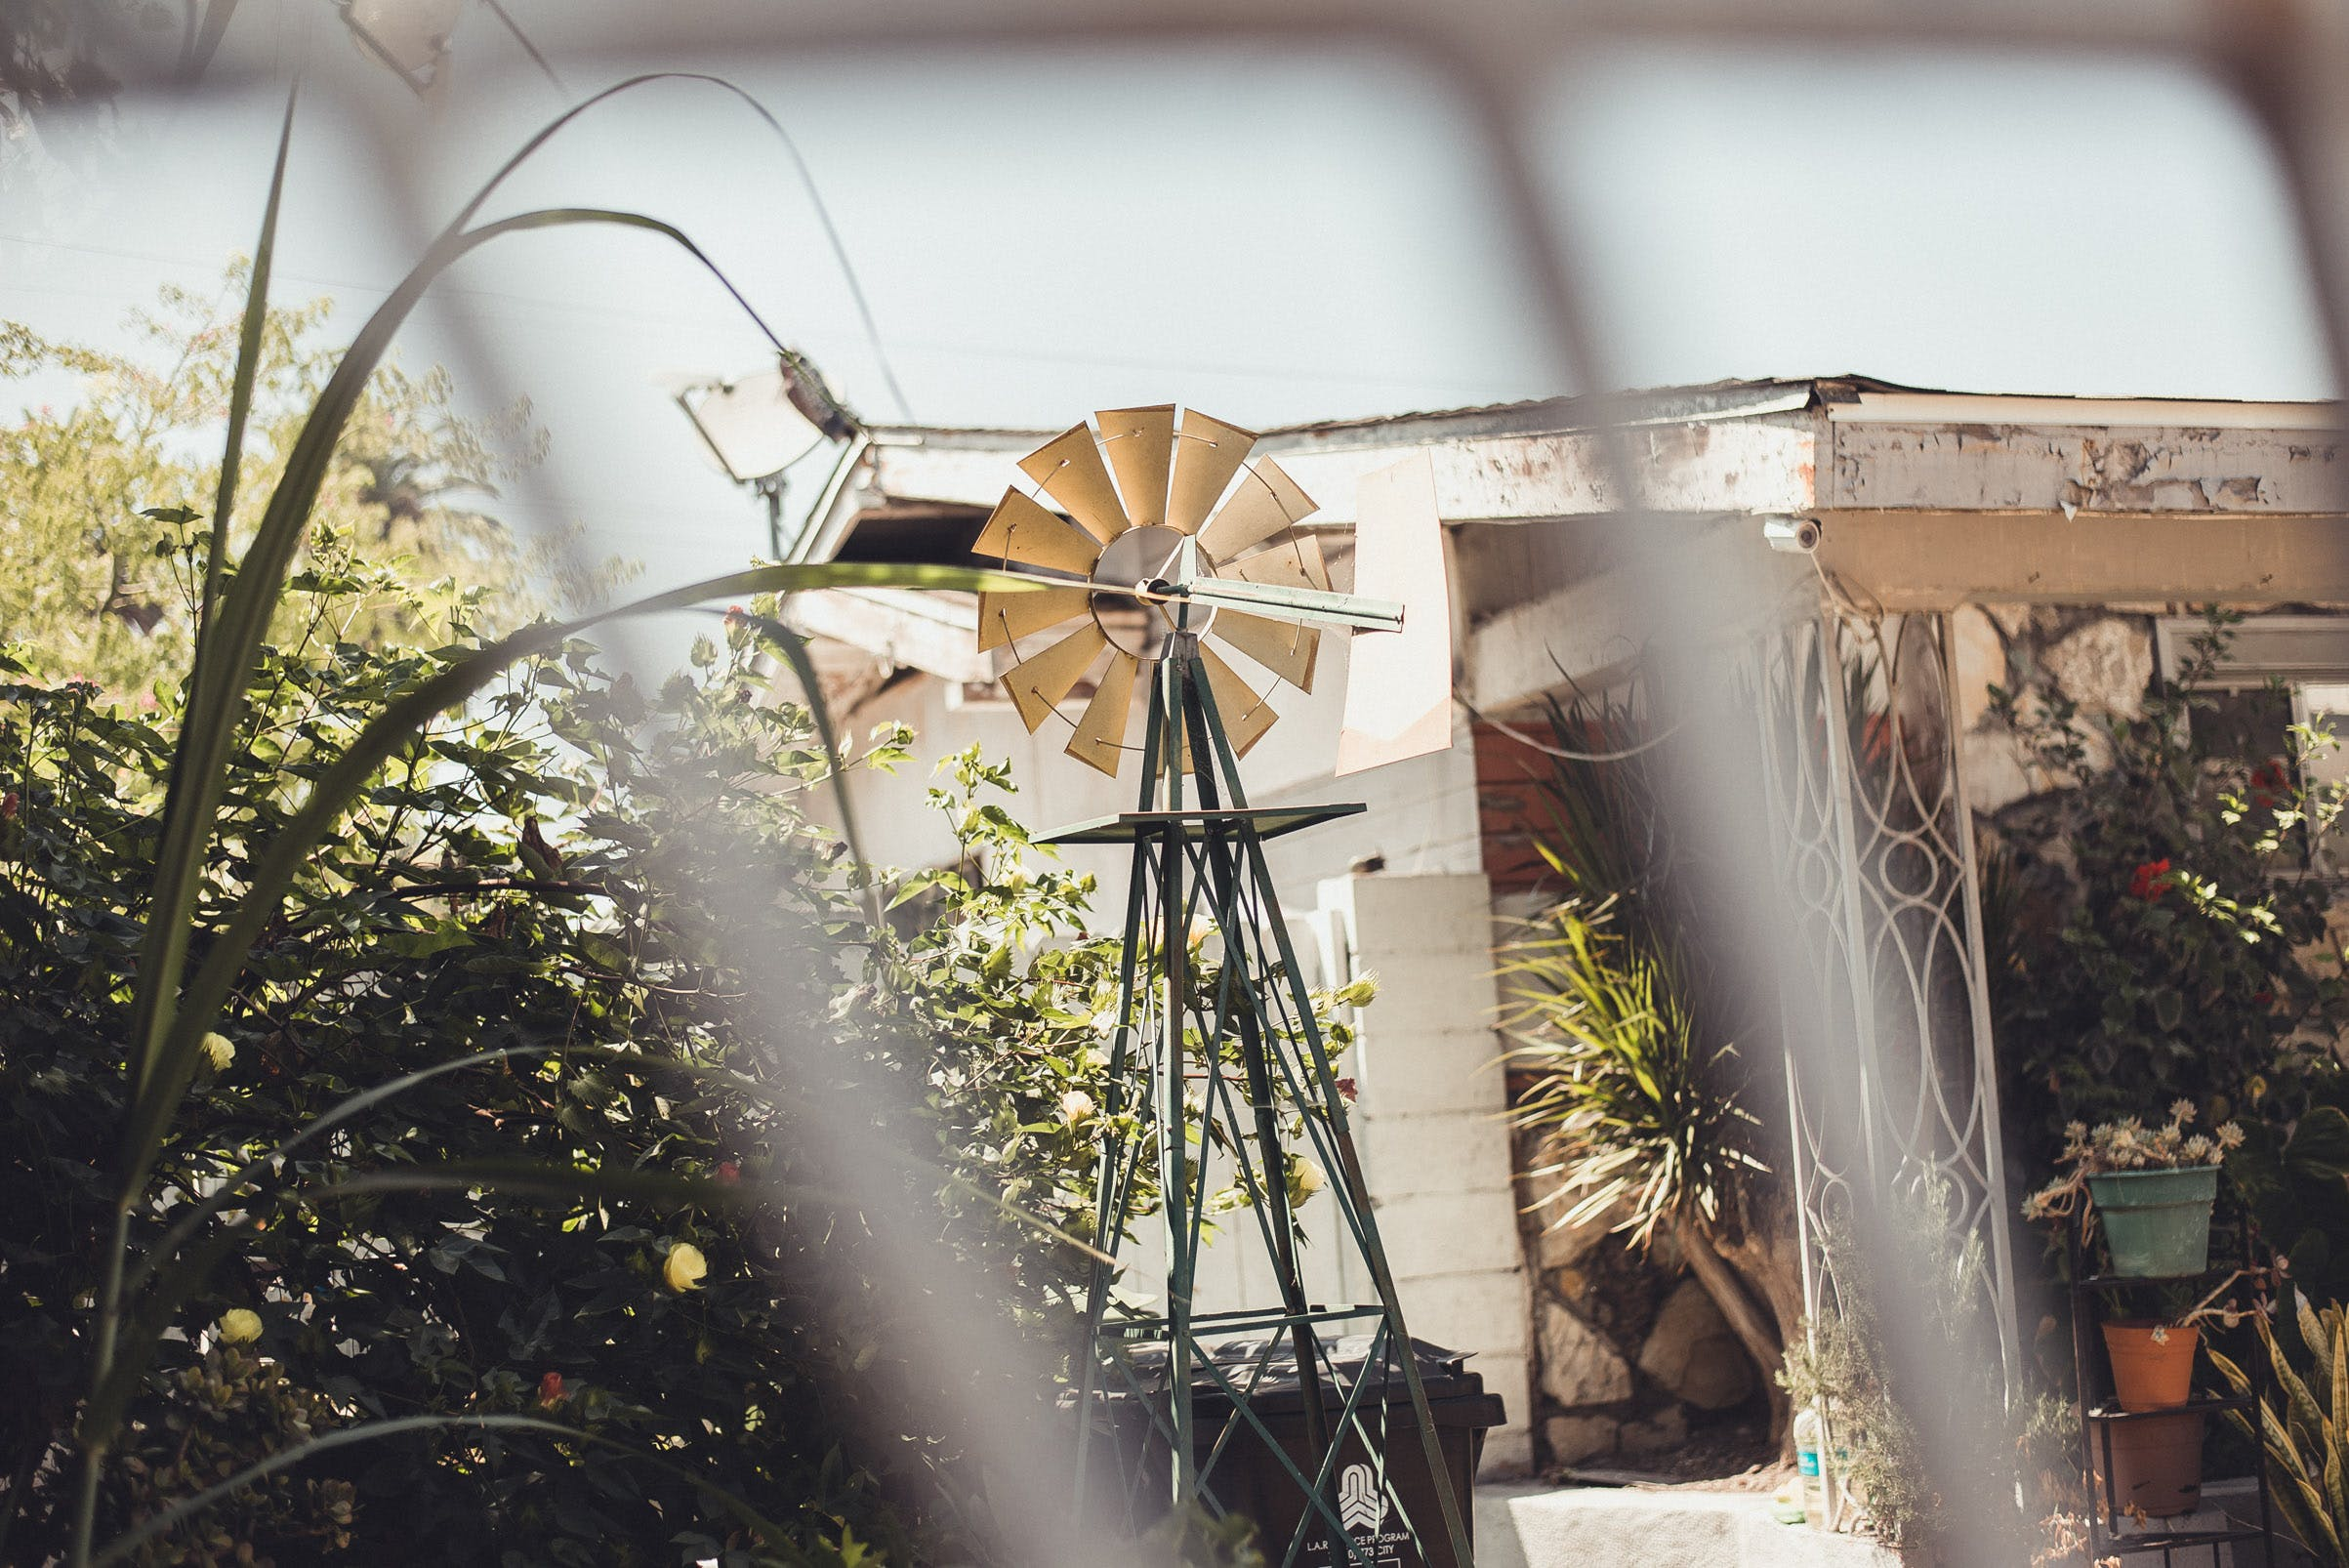 Gratis stockfoto met bloemen, buitenkant huis, eigen tuin, fabrieken